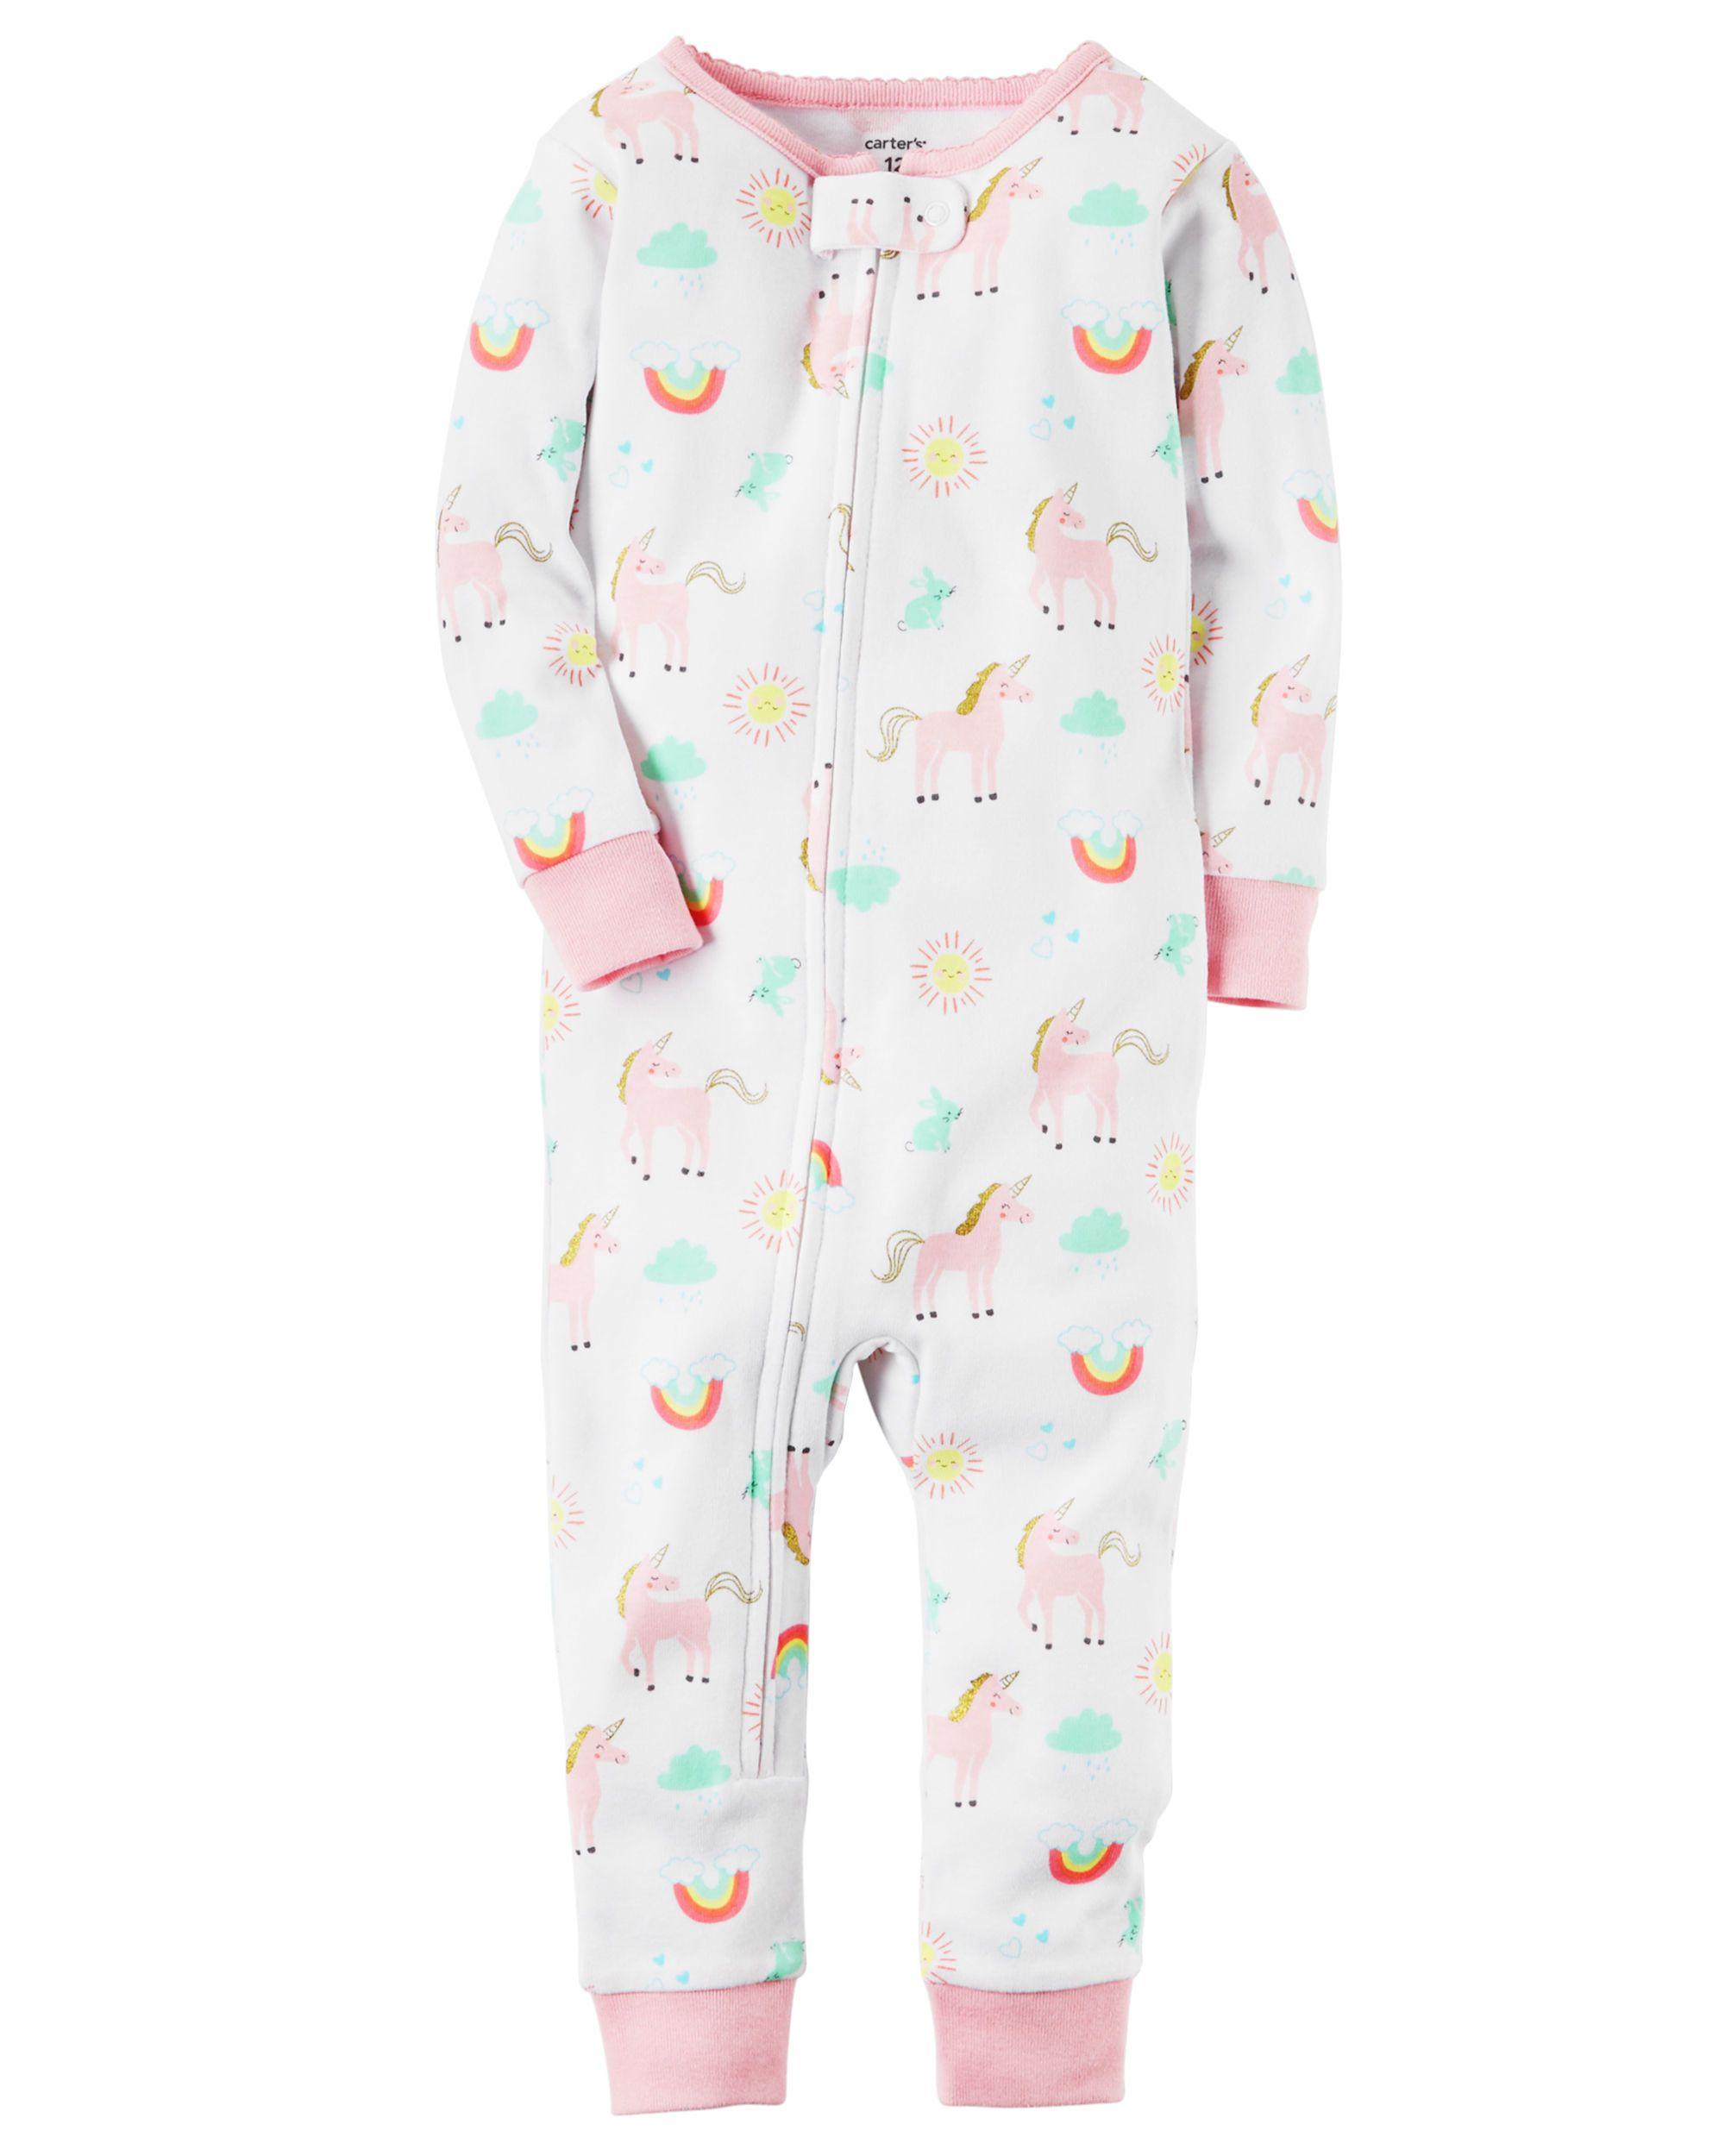 Toddler Girl 1-Piece Snug Fit Cotton Footless PJs | Carters.com